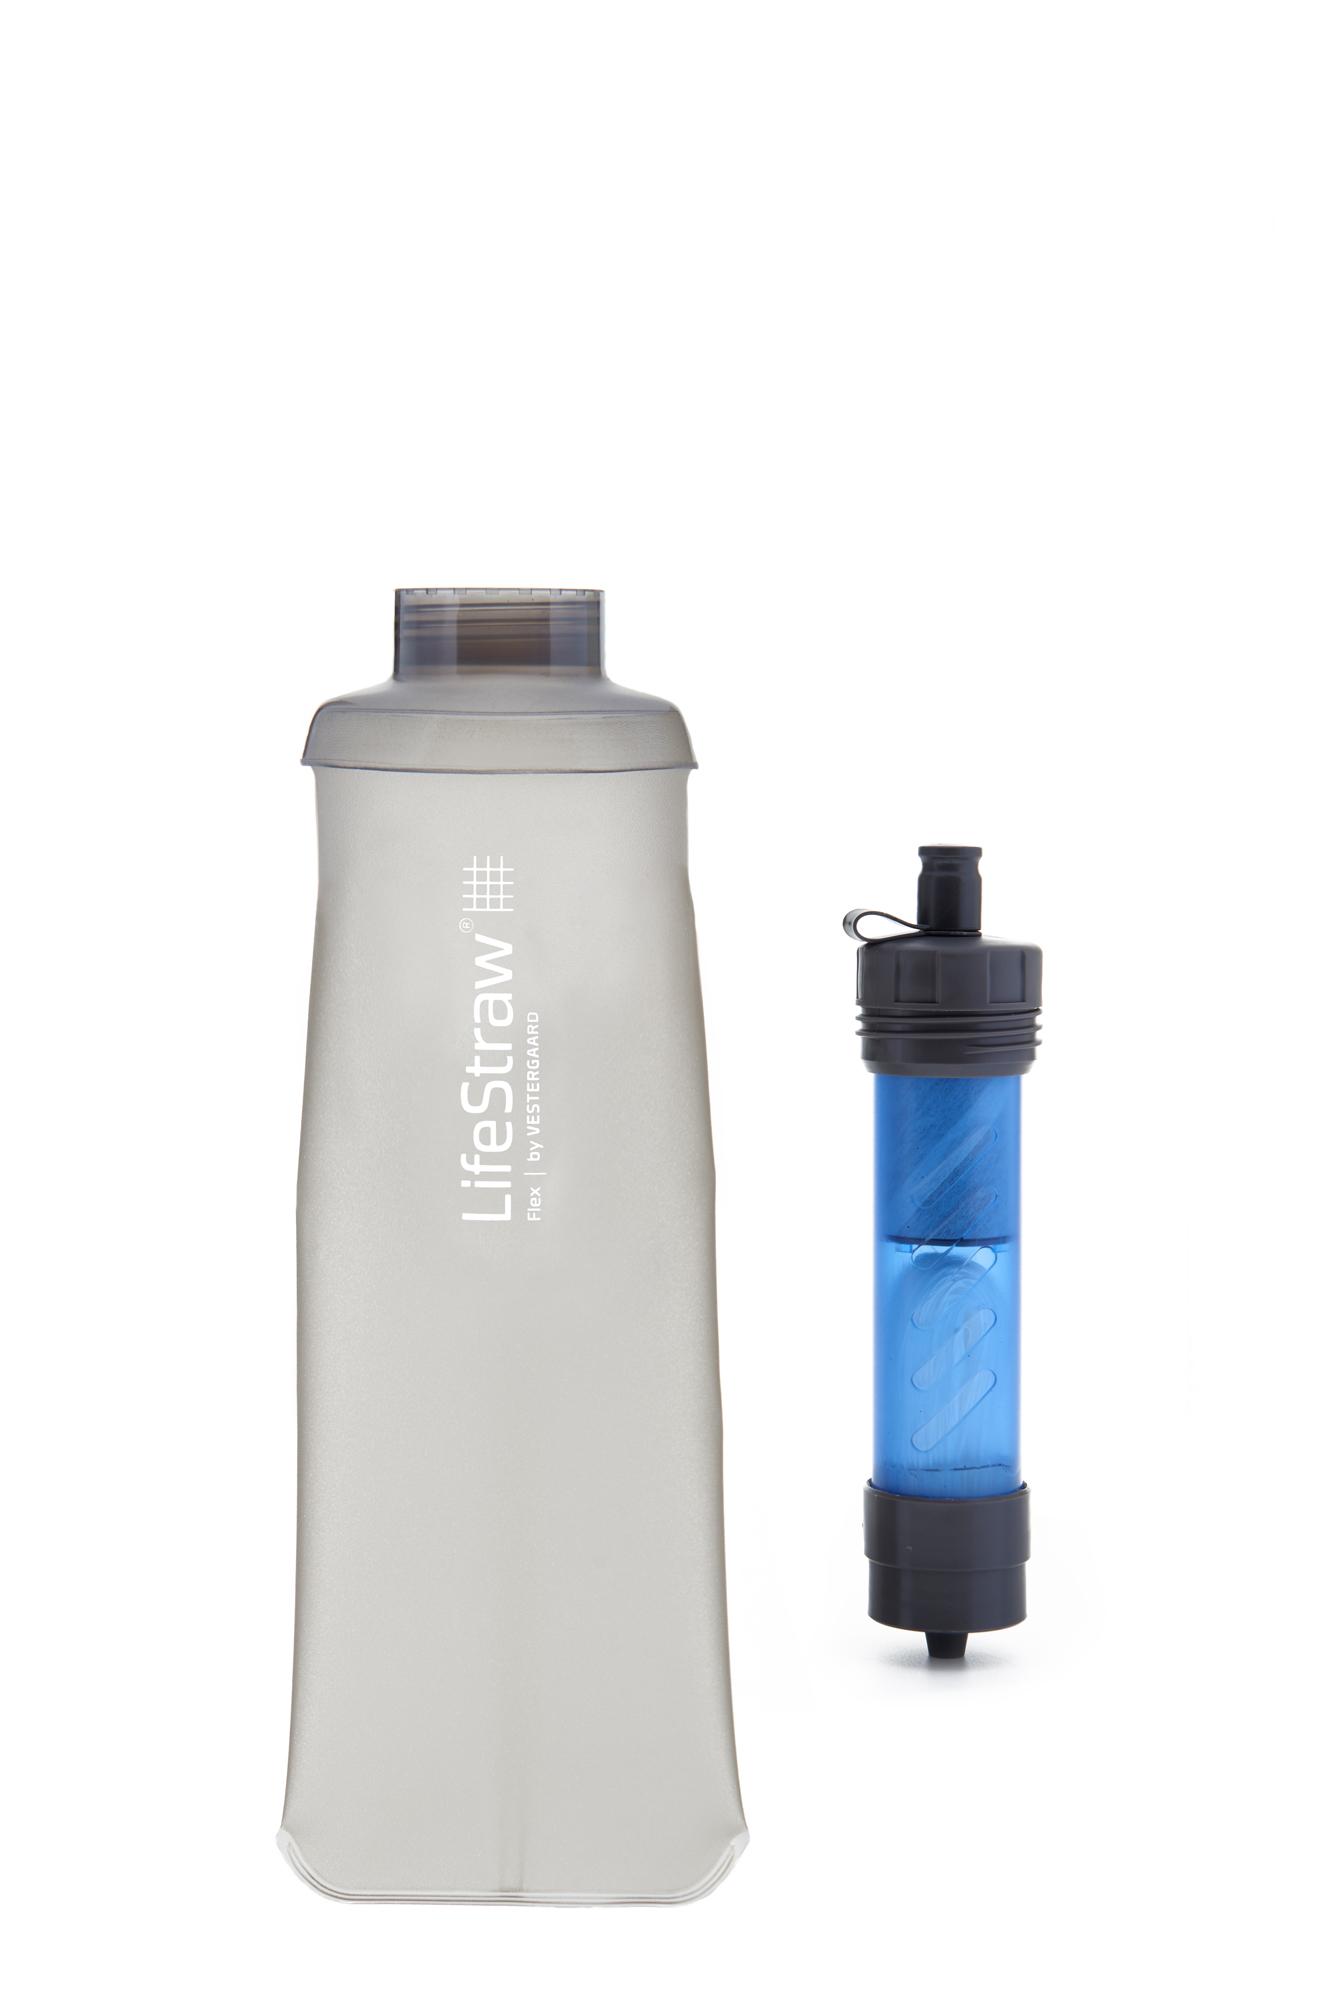 Lifestraw – Sauberes Trinkwasser für Dich und für die ganze Welt